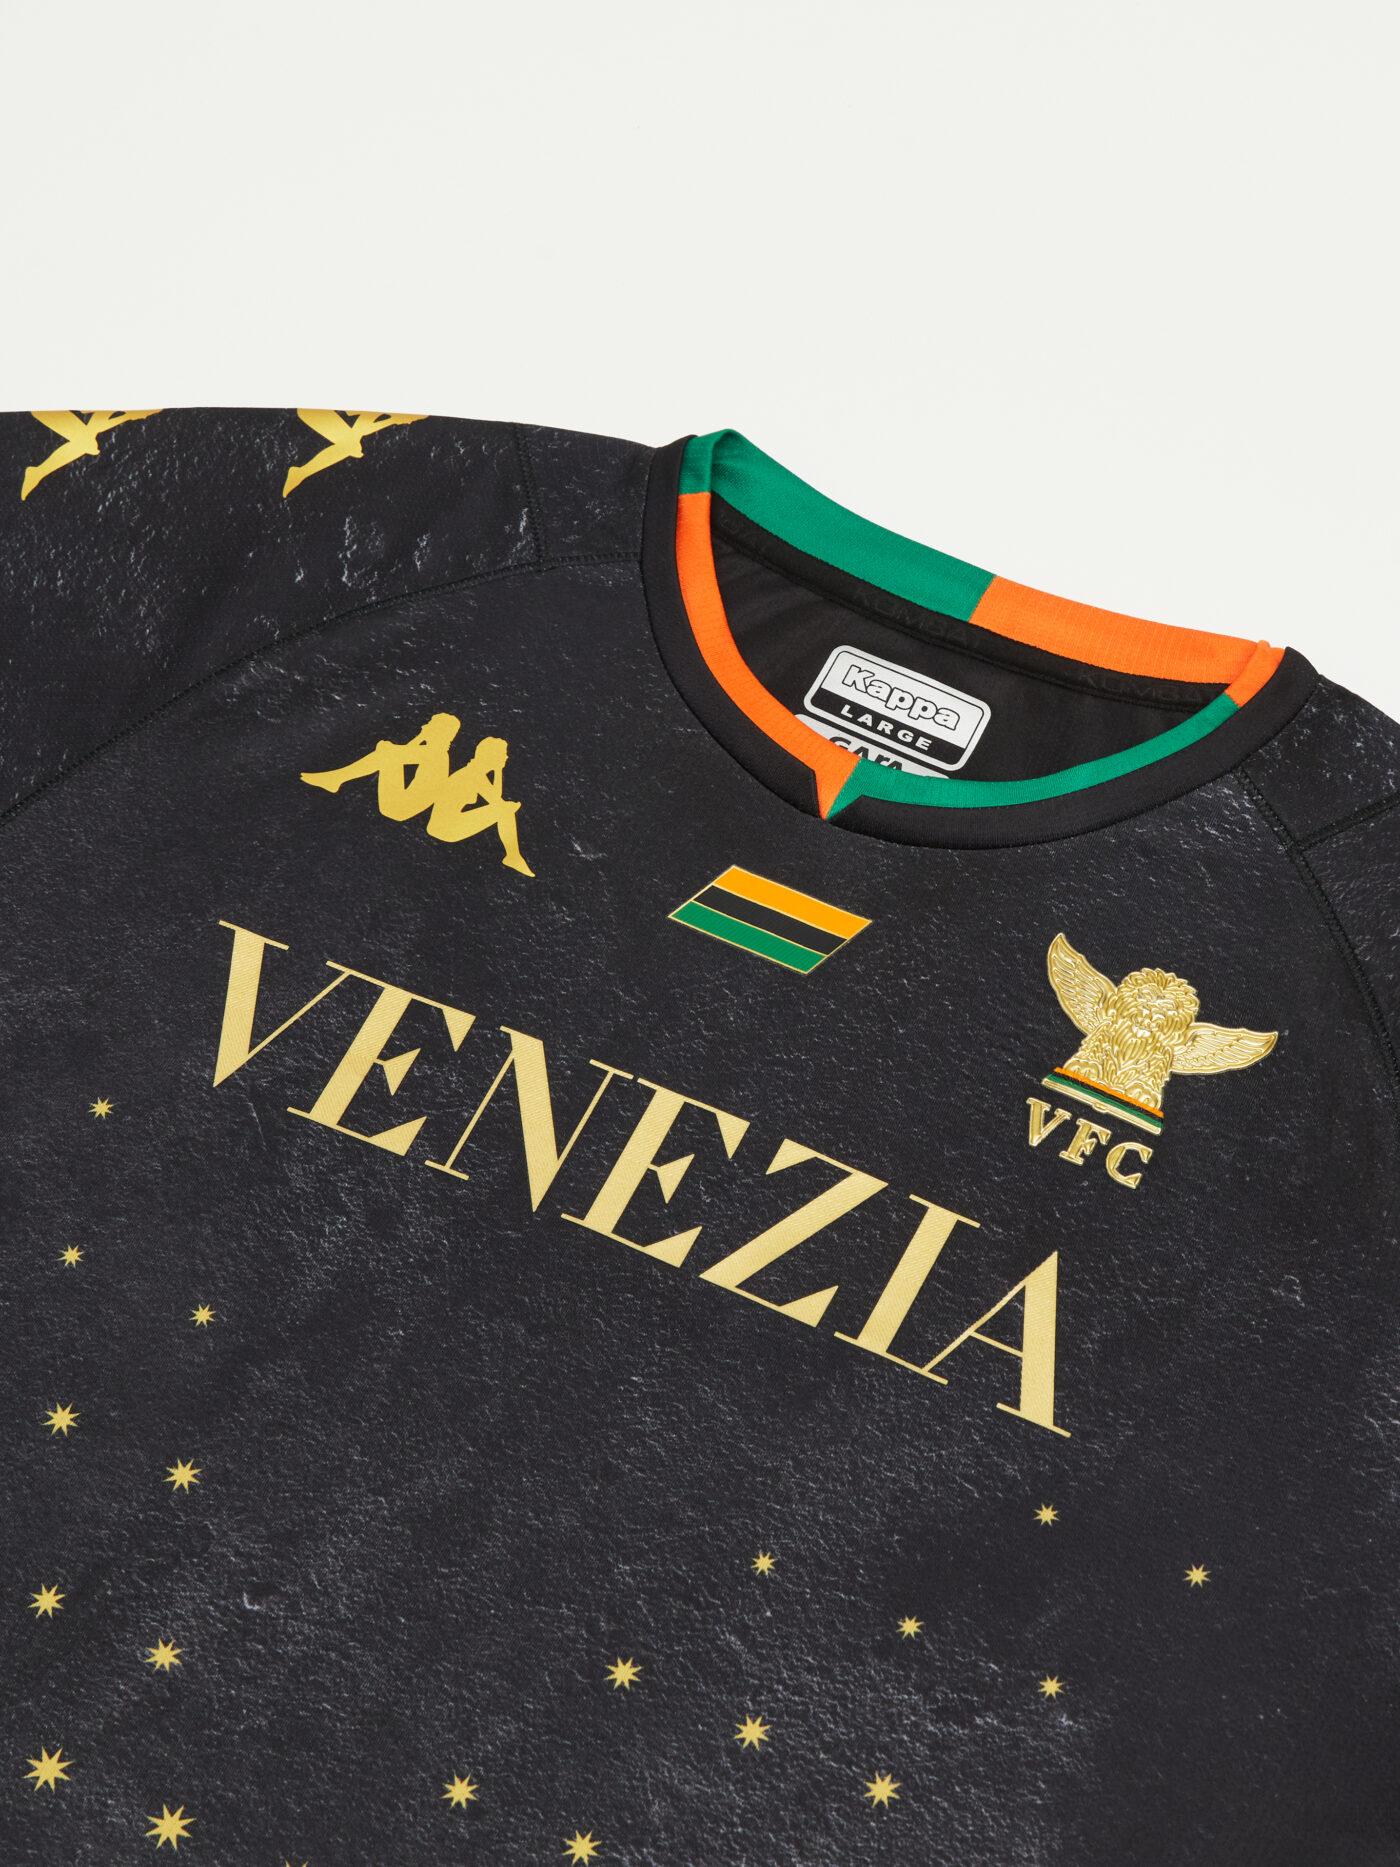 Maillot Venezia FC 2021-2022